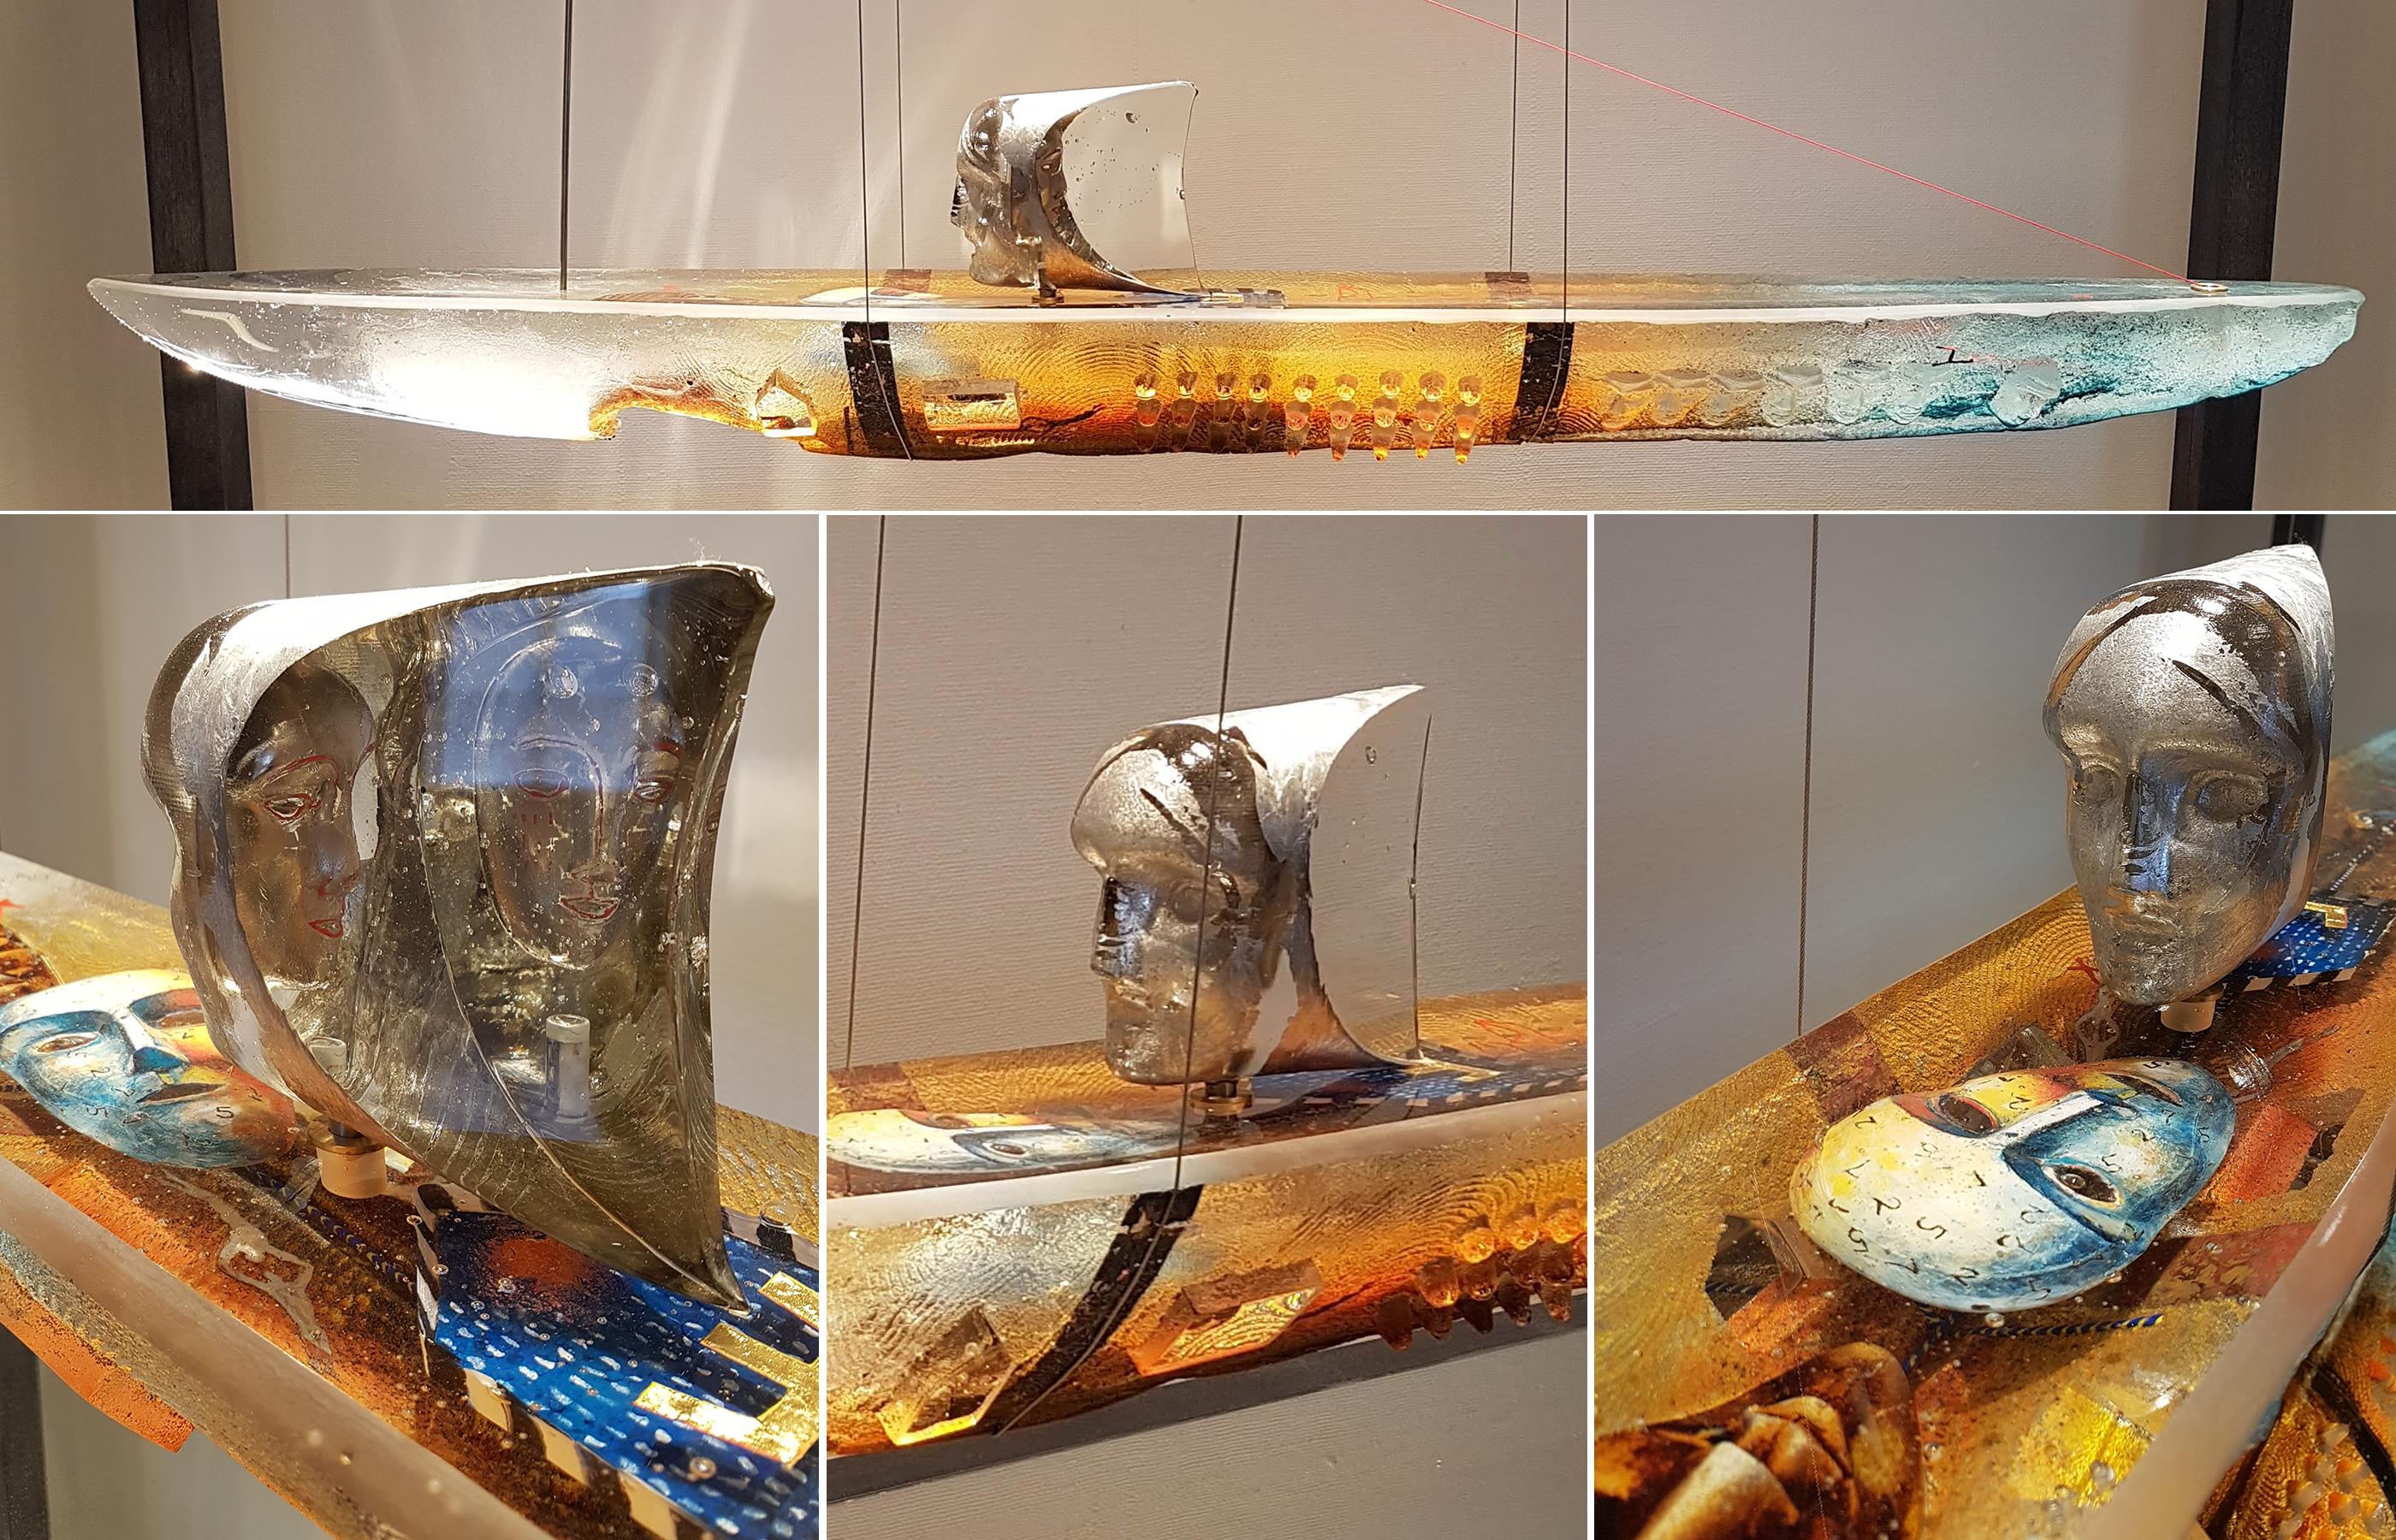 Корабль из стекла созданный королем Швеции Карлом XVI Густавом